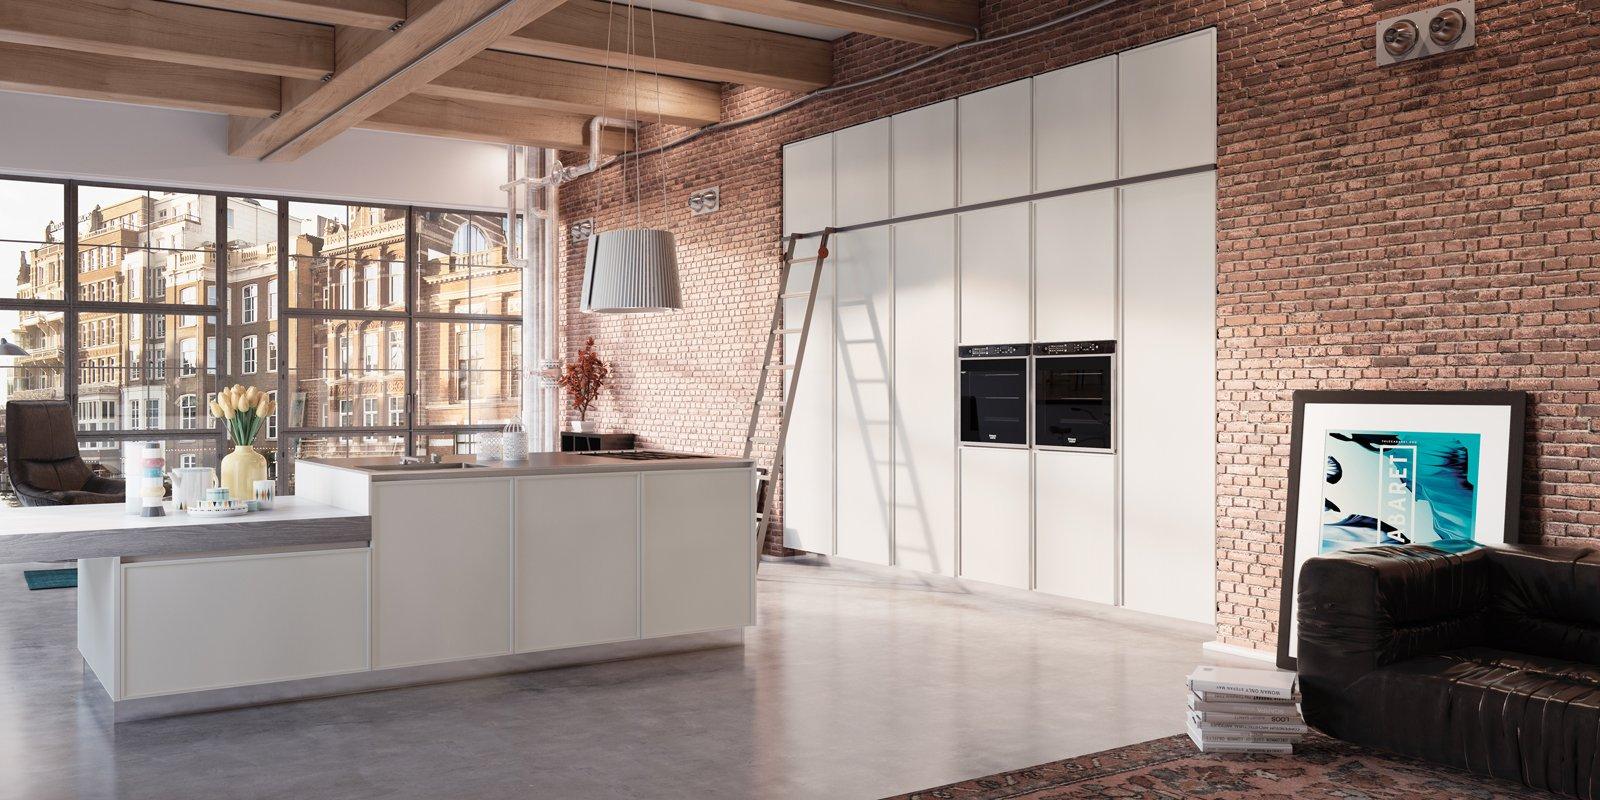 cucine con armadiature a colonna. per contenere di più - cose di casa - Cucine Incassate